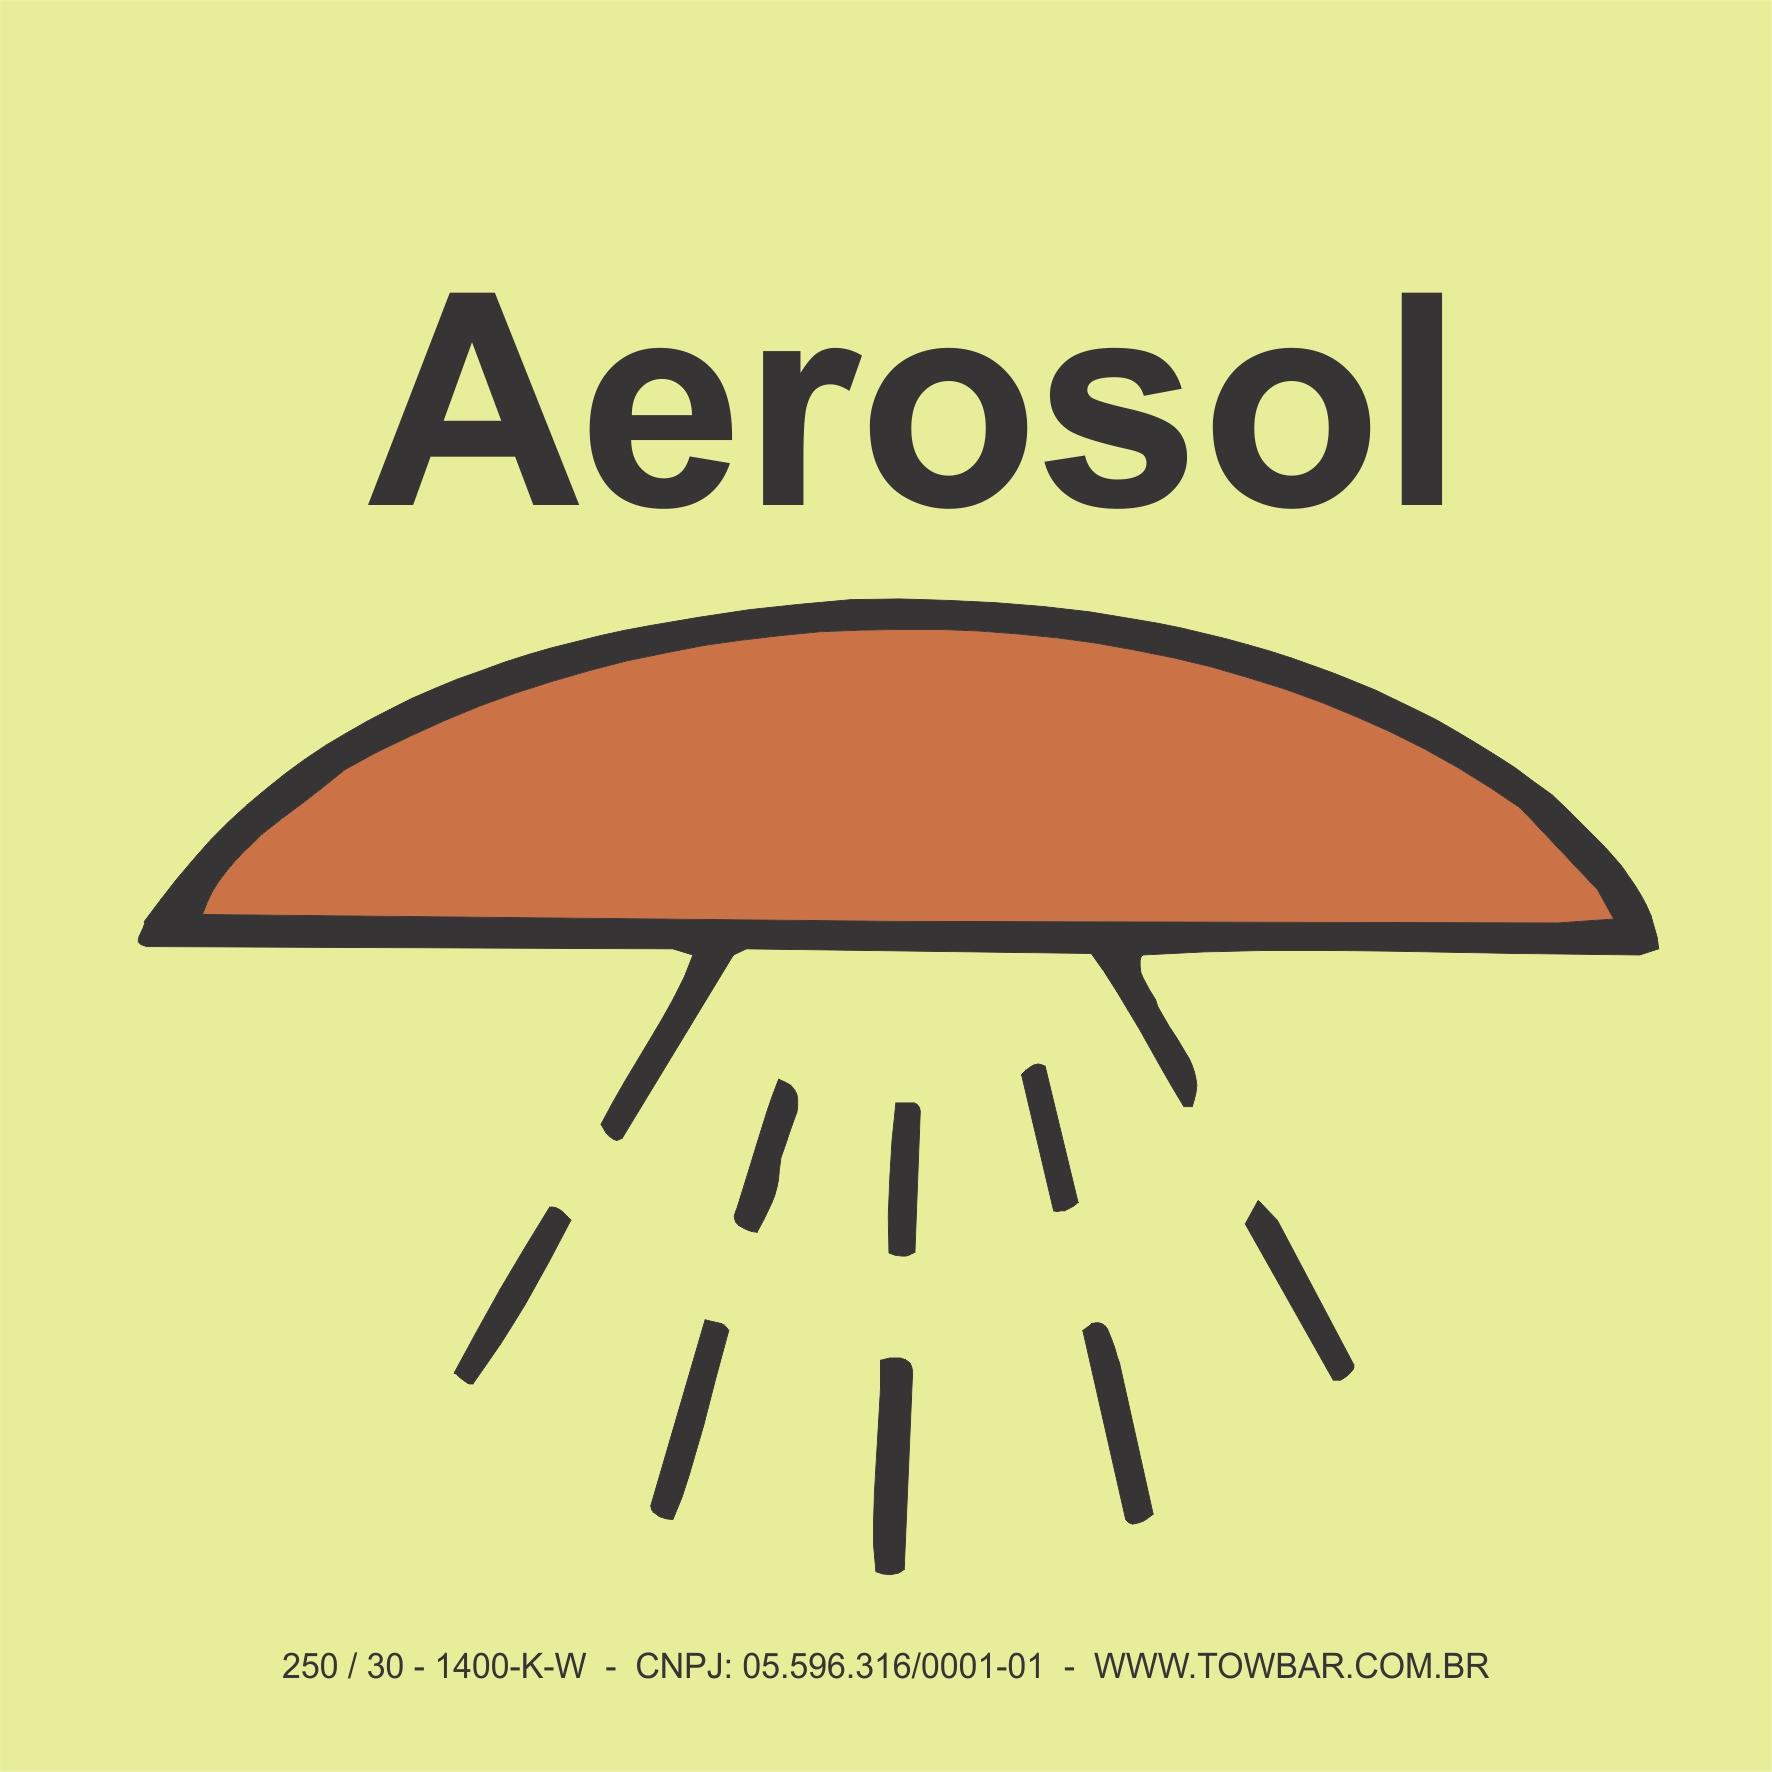 Espaço protegido por sistema aerosol (Space protected by aerosol system)  - Towbar Sinalização de Segurança